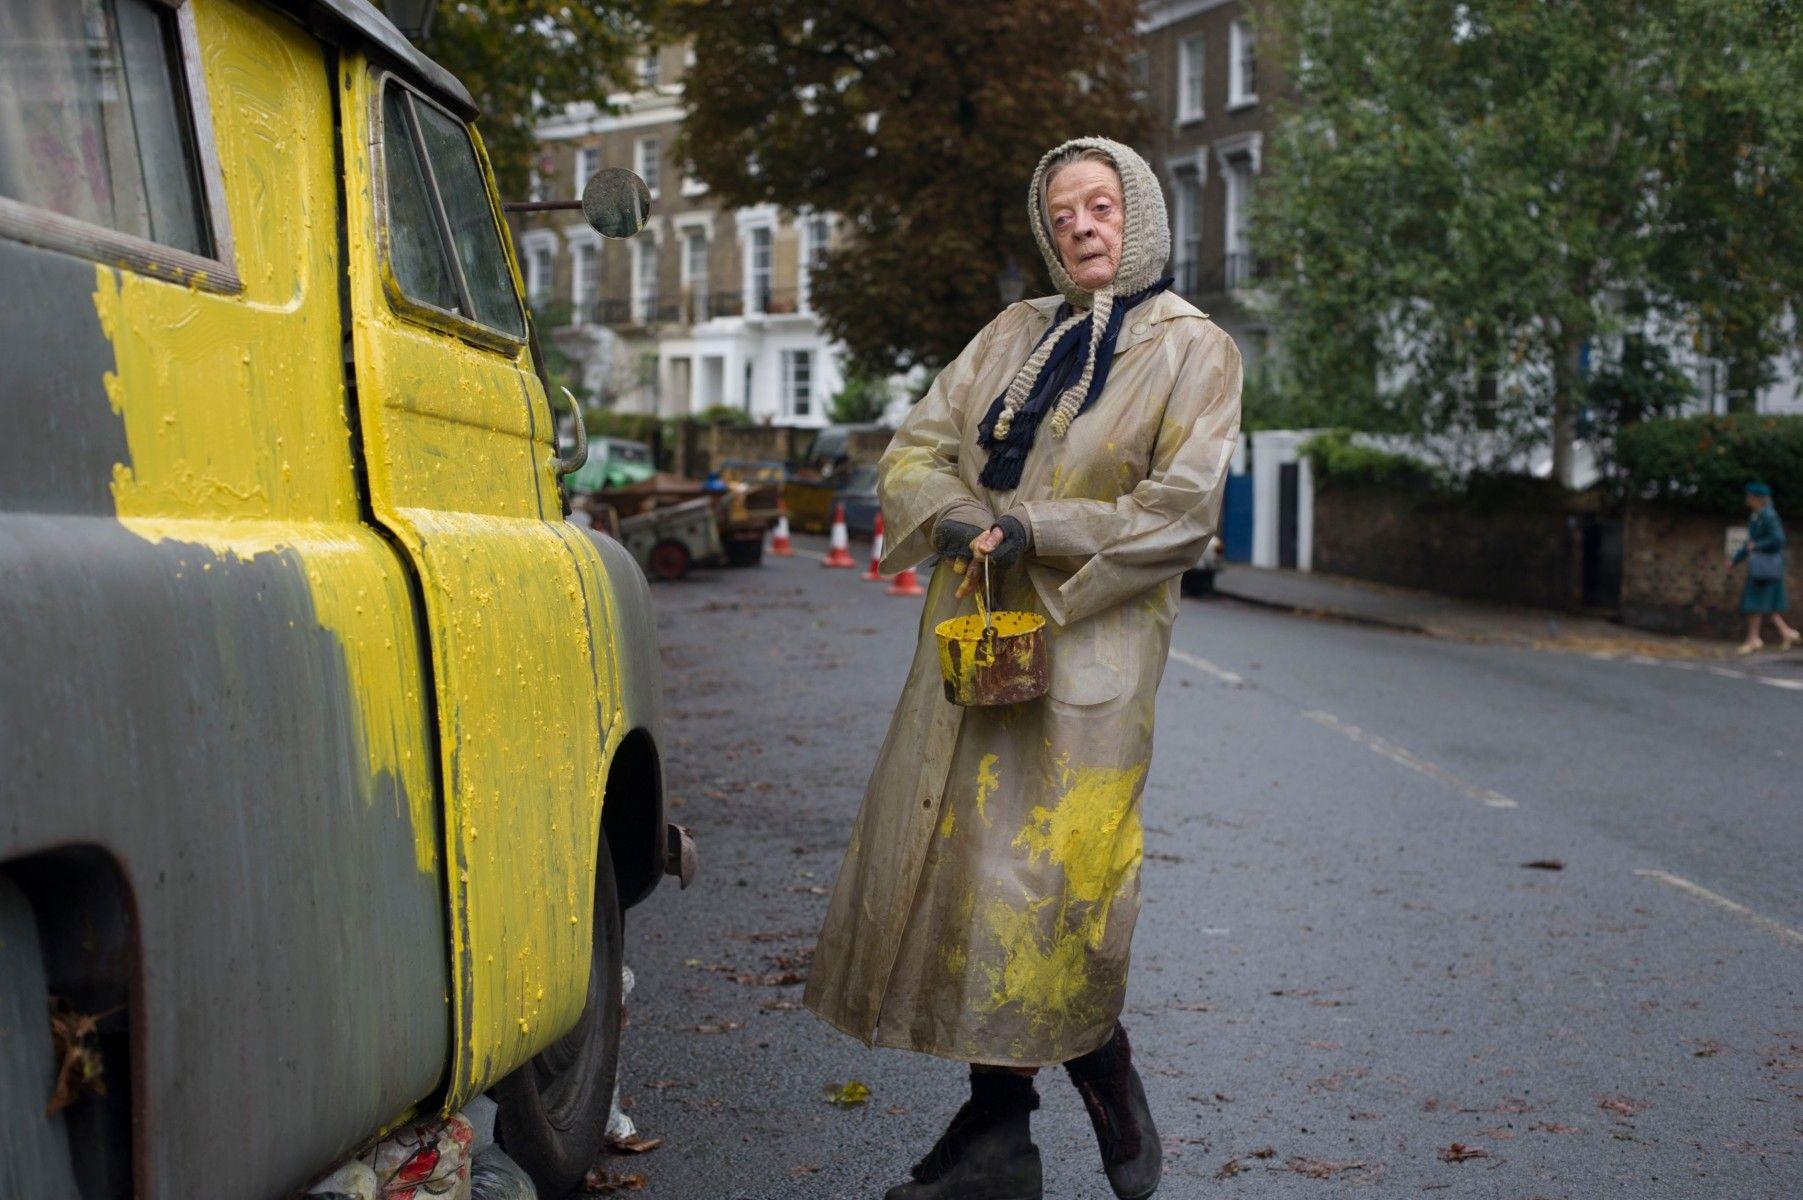 سر المتشردة ماري في فيلم «سيدة الفان» on سينماتوغراف http://cinematographmag.com